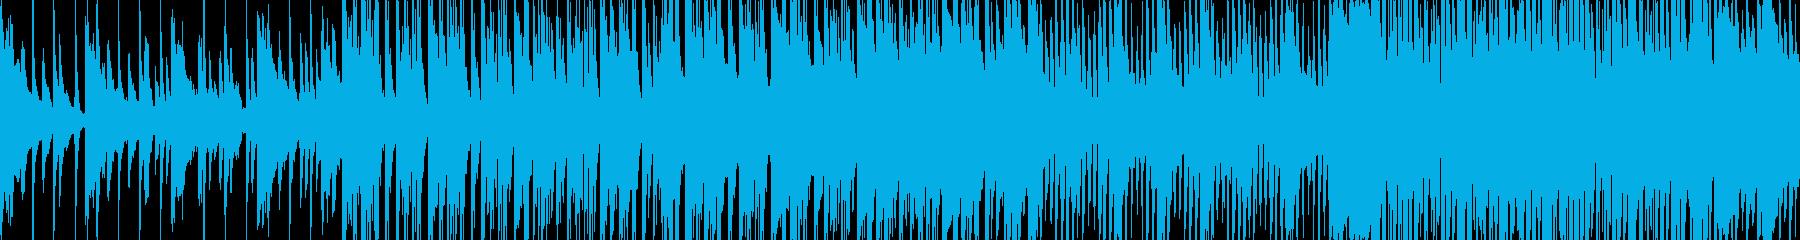 その日の終わりの日常系インスト■ループ可の再生済みの波形